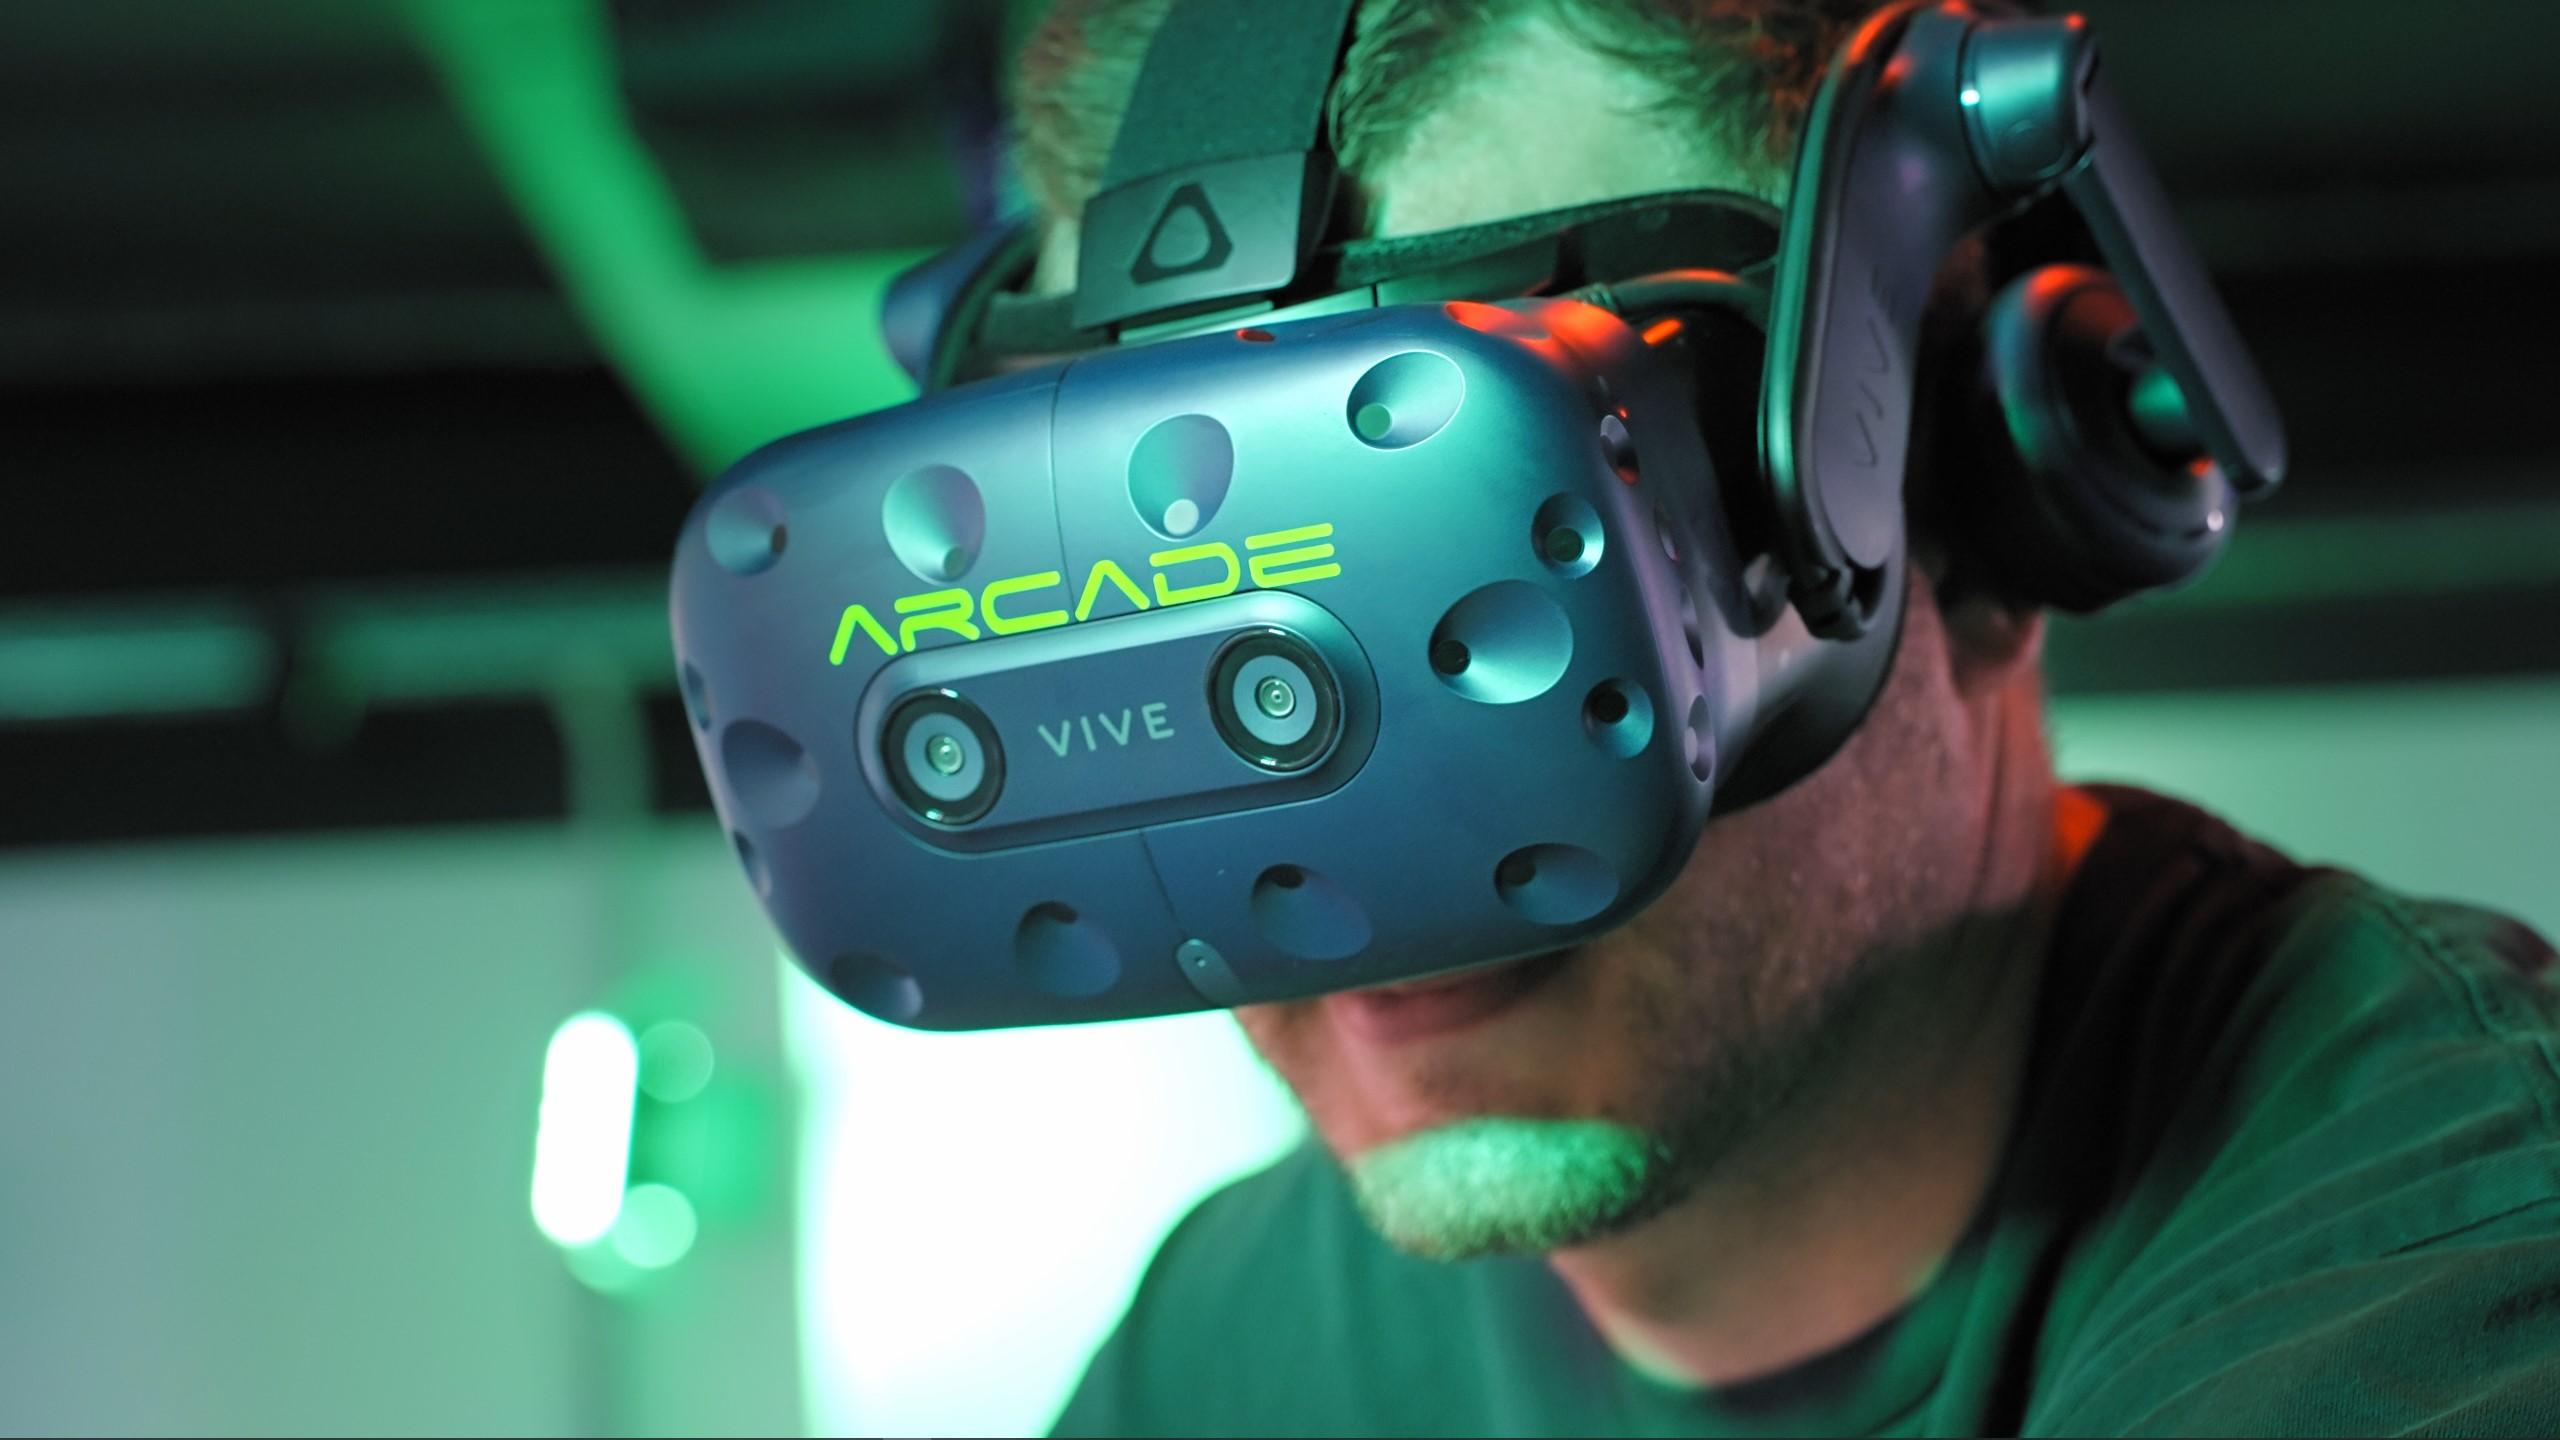 Filmproduktion Arcade VR Lounge Bochum